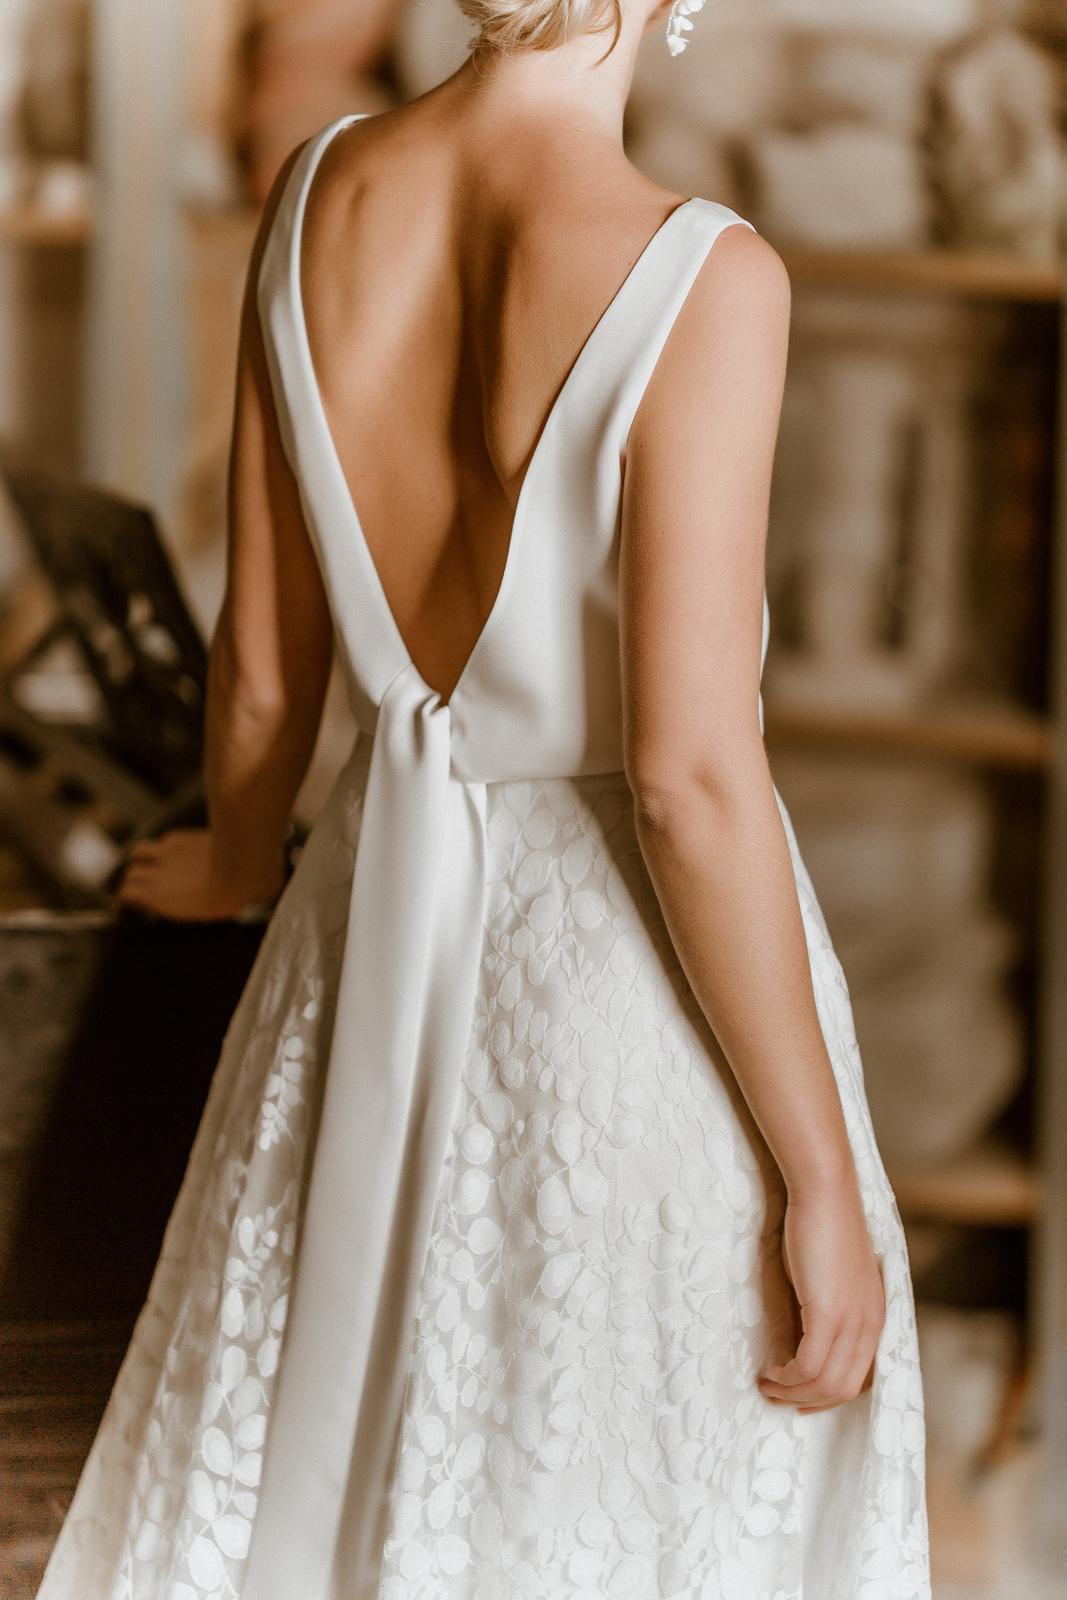 Wadenlanges Brautkleid mit schlichtem, ärmellosem Top und Rock aus Tüllspitze im Botanical Style, Rückenansicht